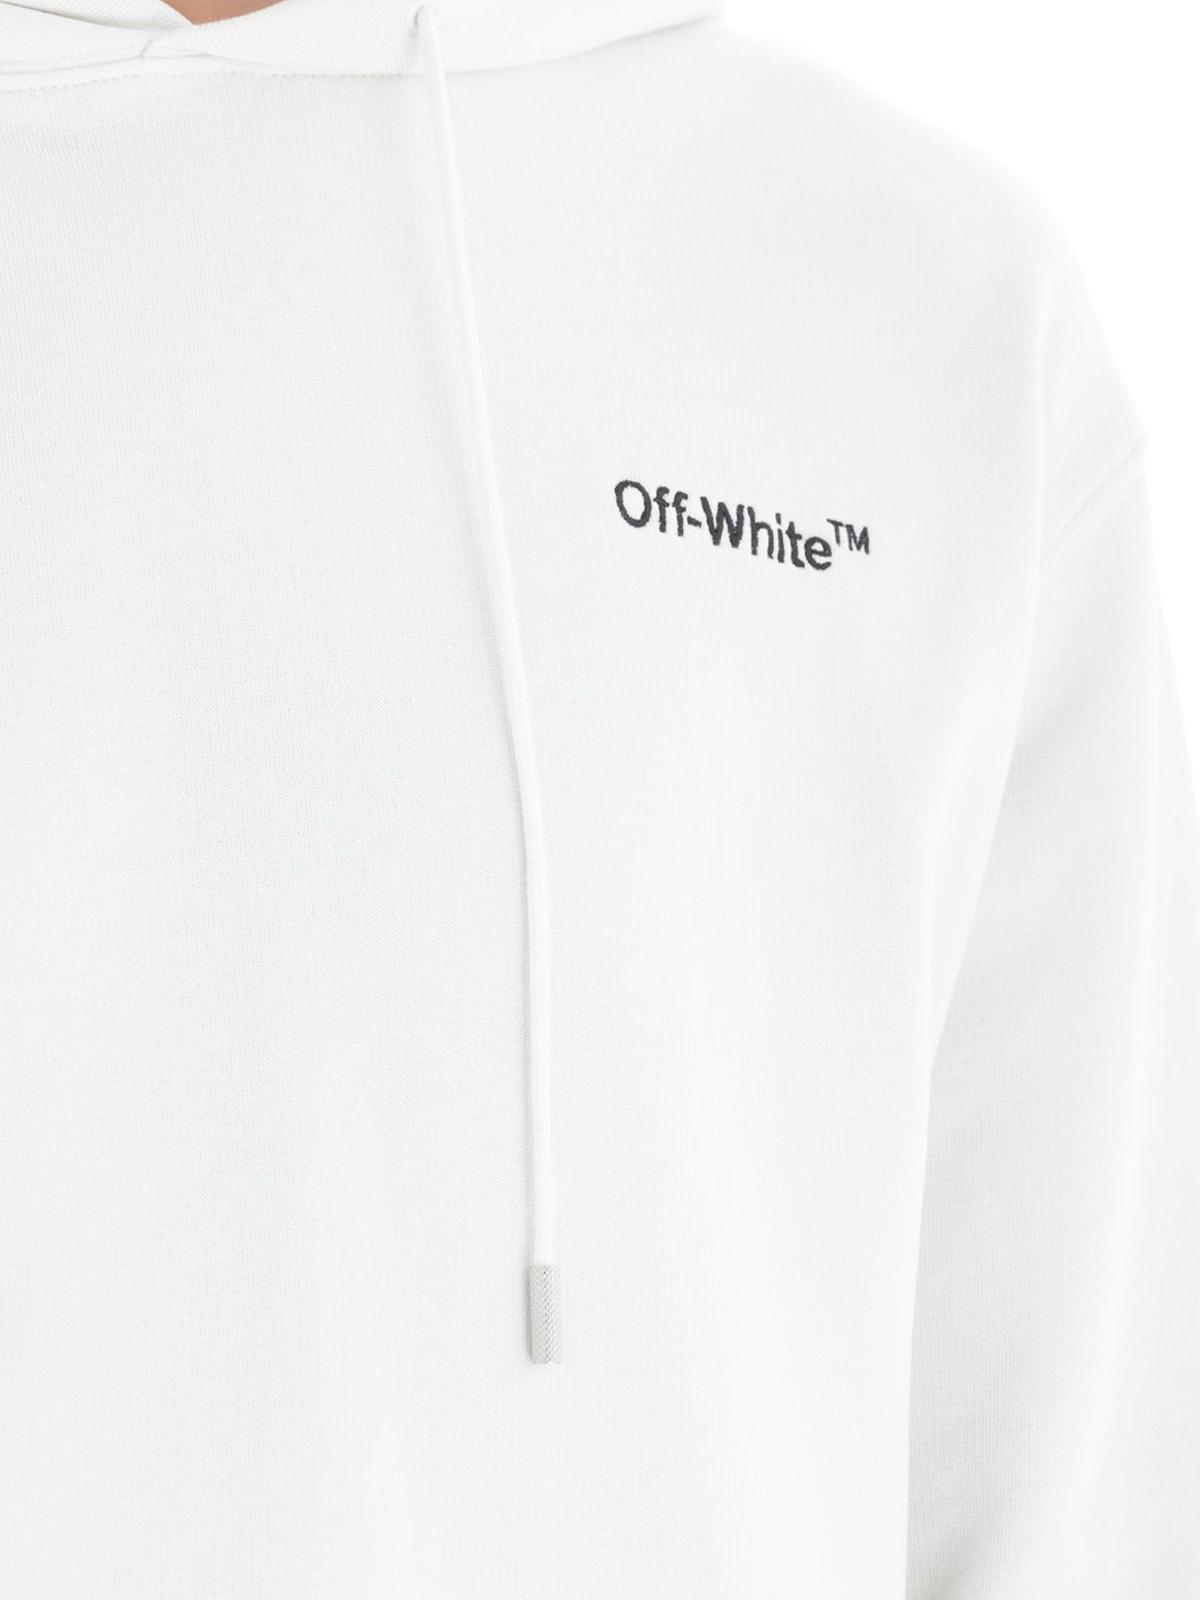 codice promozionale 93f56 102aa Off-White - Felpa Off-White™ bianca - Felpe e maglie ...